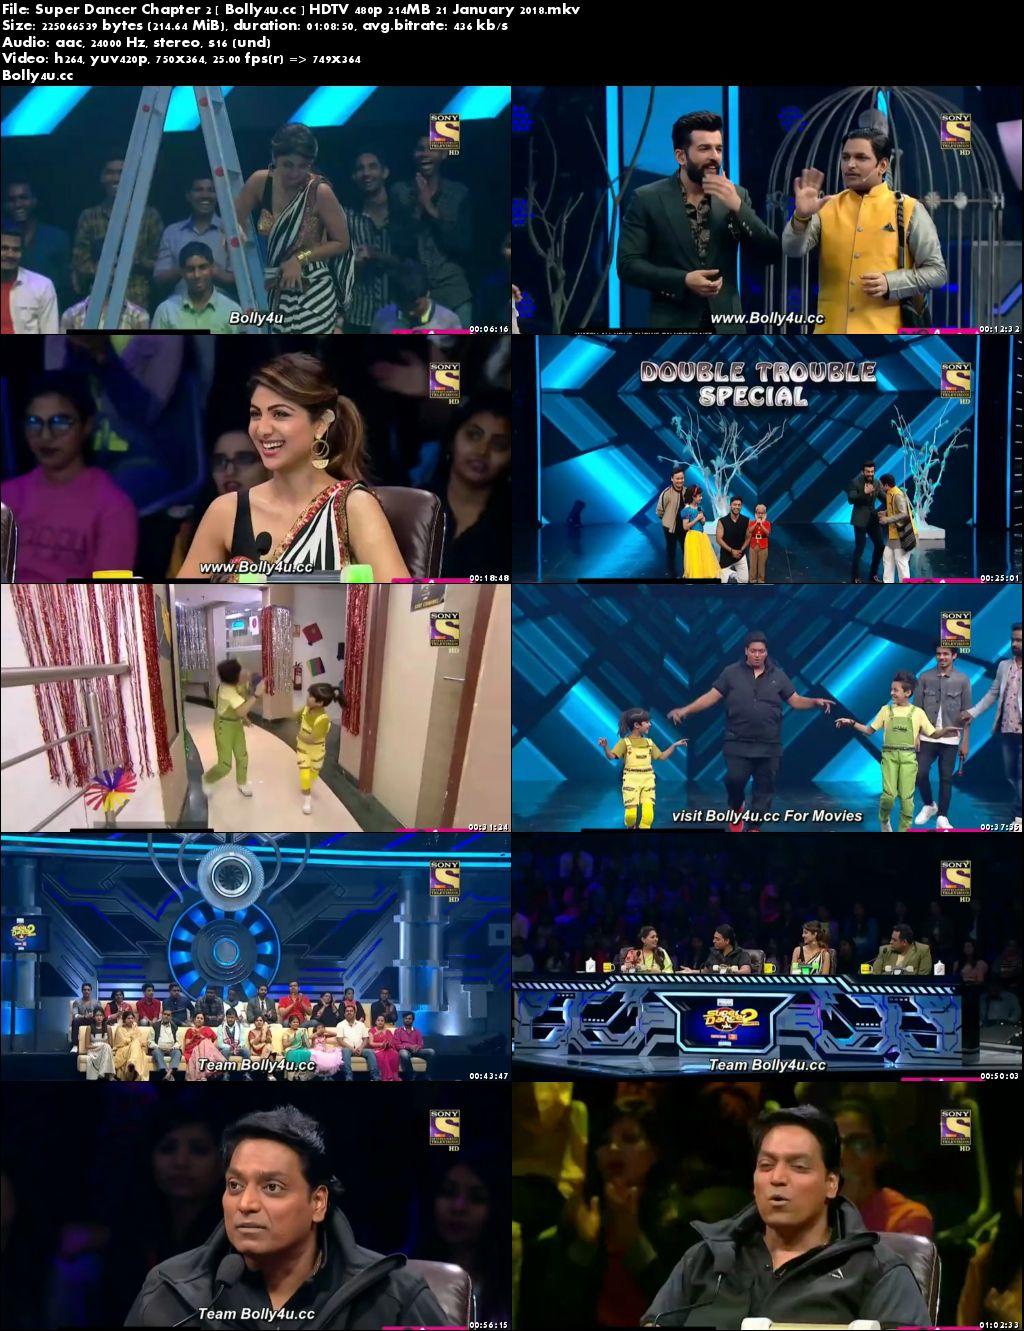 Super Dancer Chapter 2 HDTV 480p 200MB 21 January 2018 Download